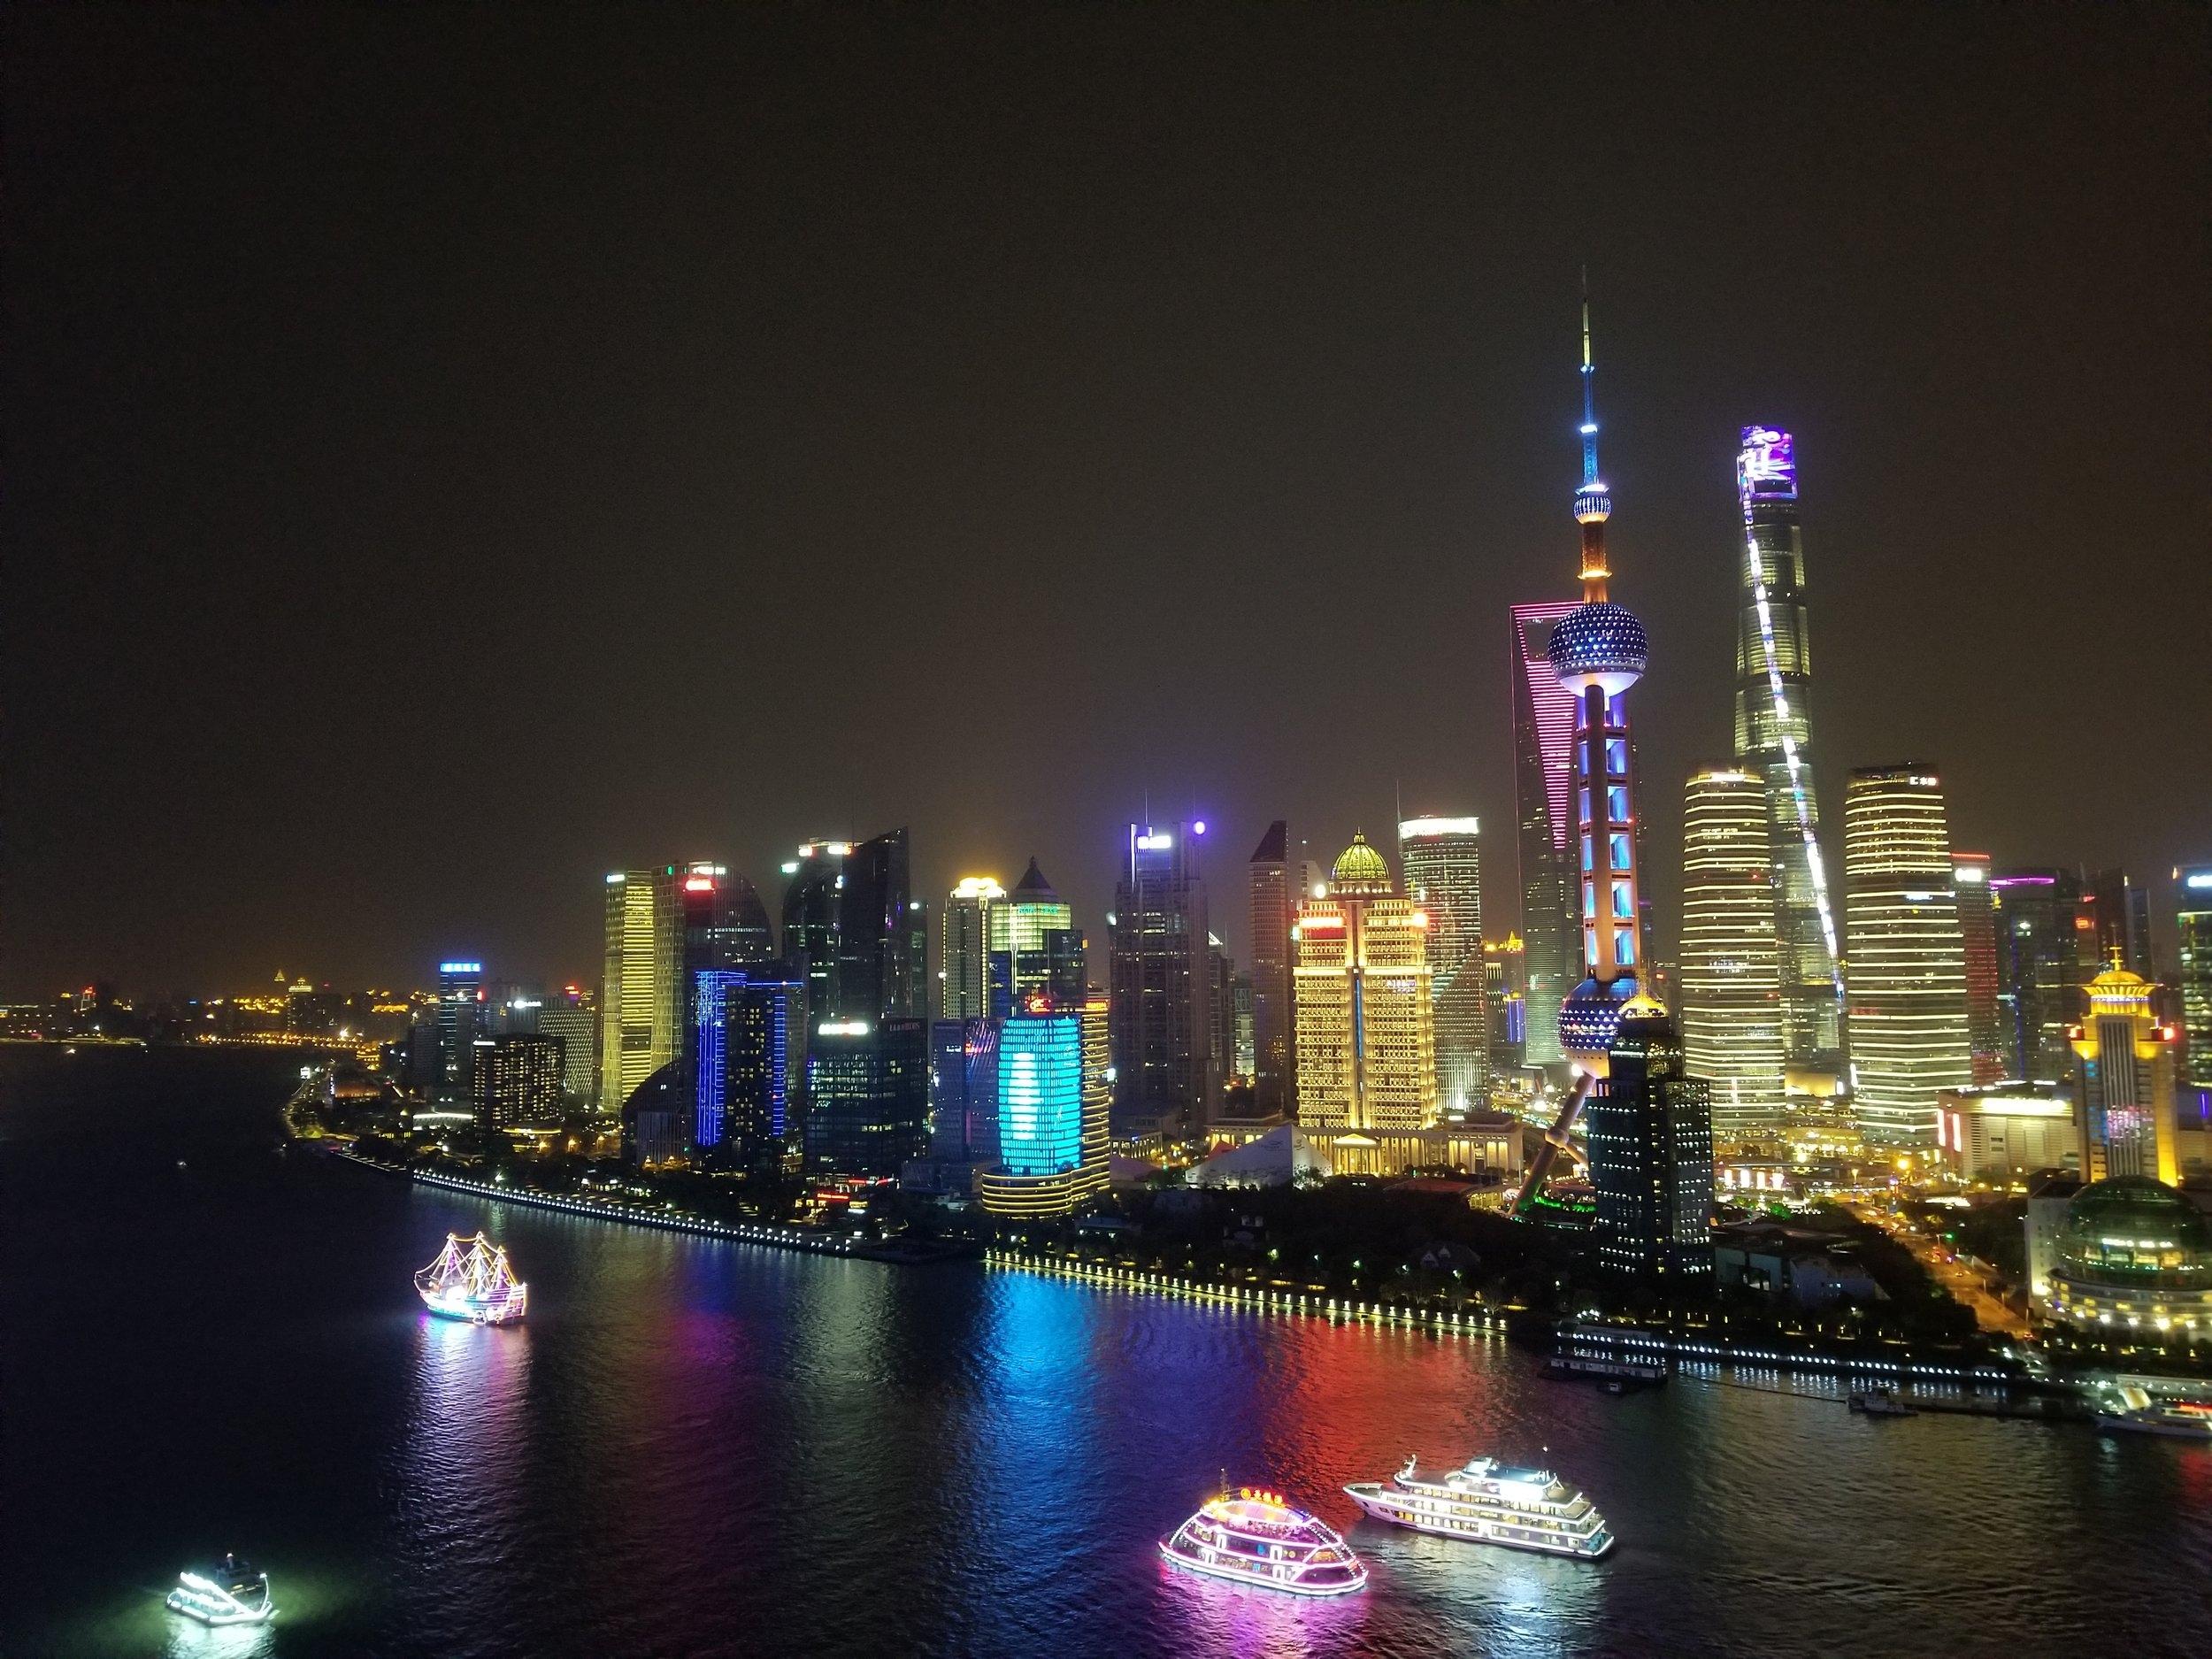 Shanghai - Bund or Bust